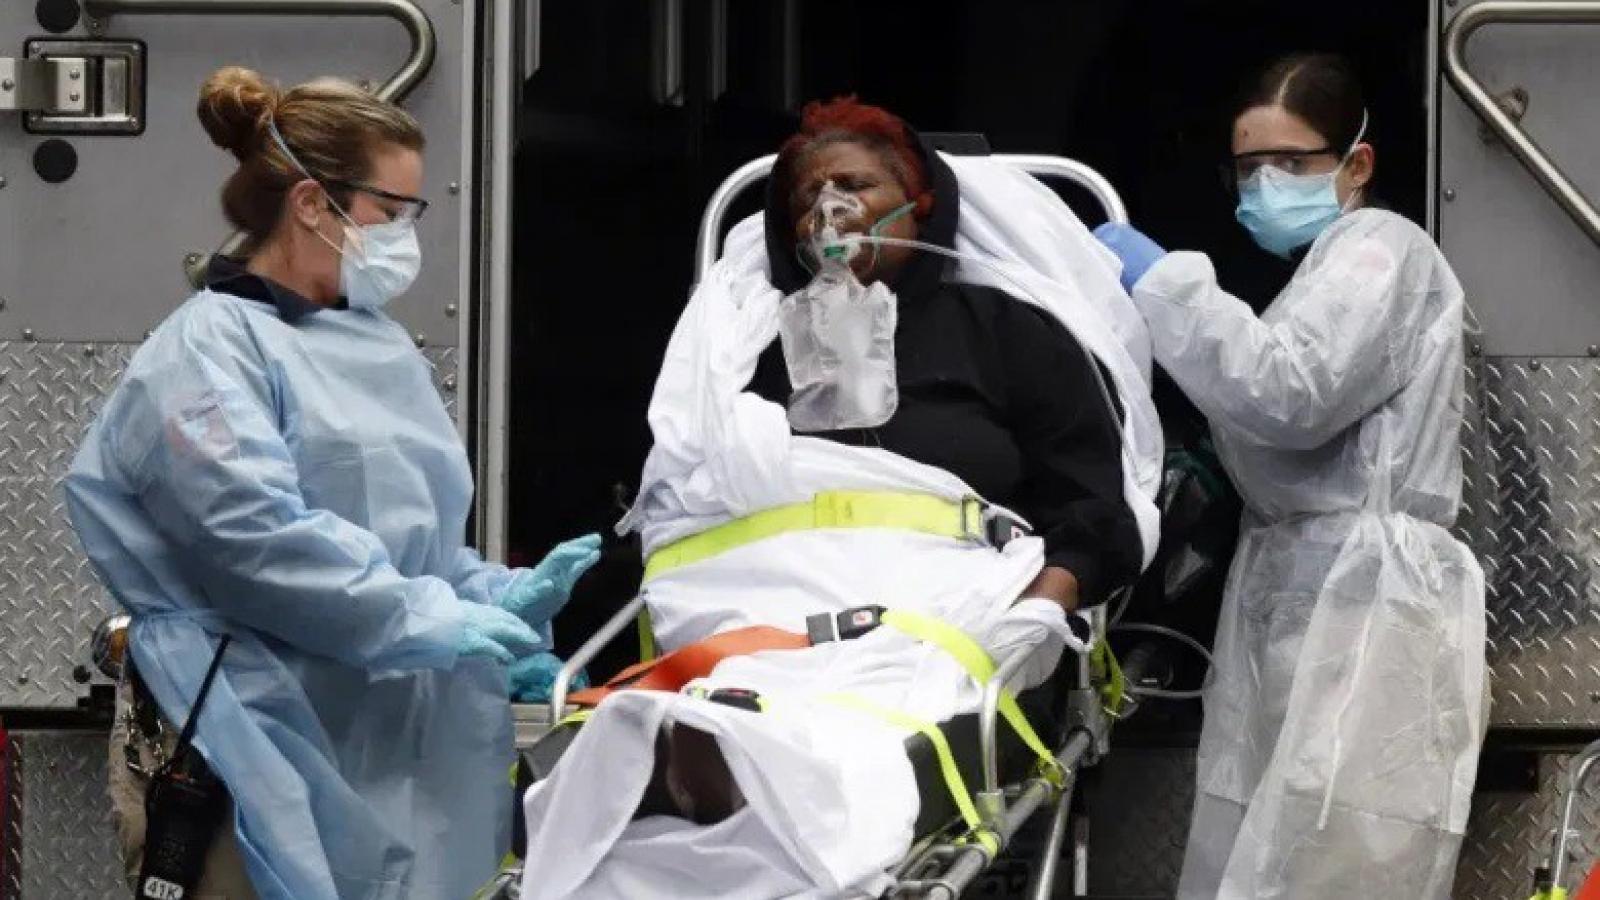 Thế giới có 2,8 triệu ca mắc Covid-19, Mỹ dẫn đầu số ca mắc và tử vong